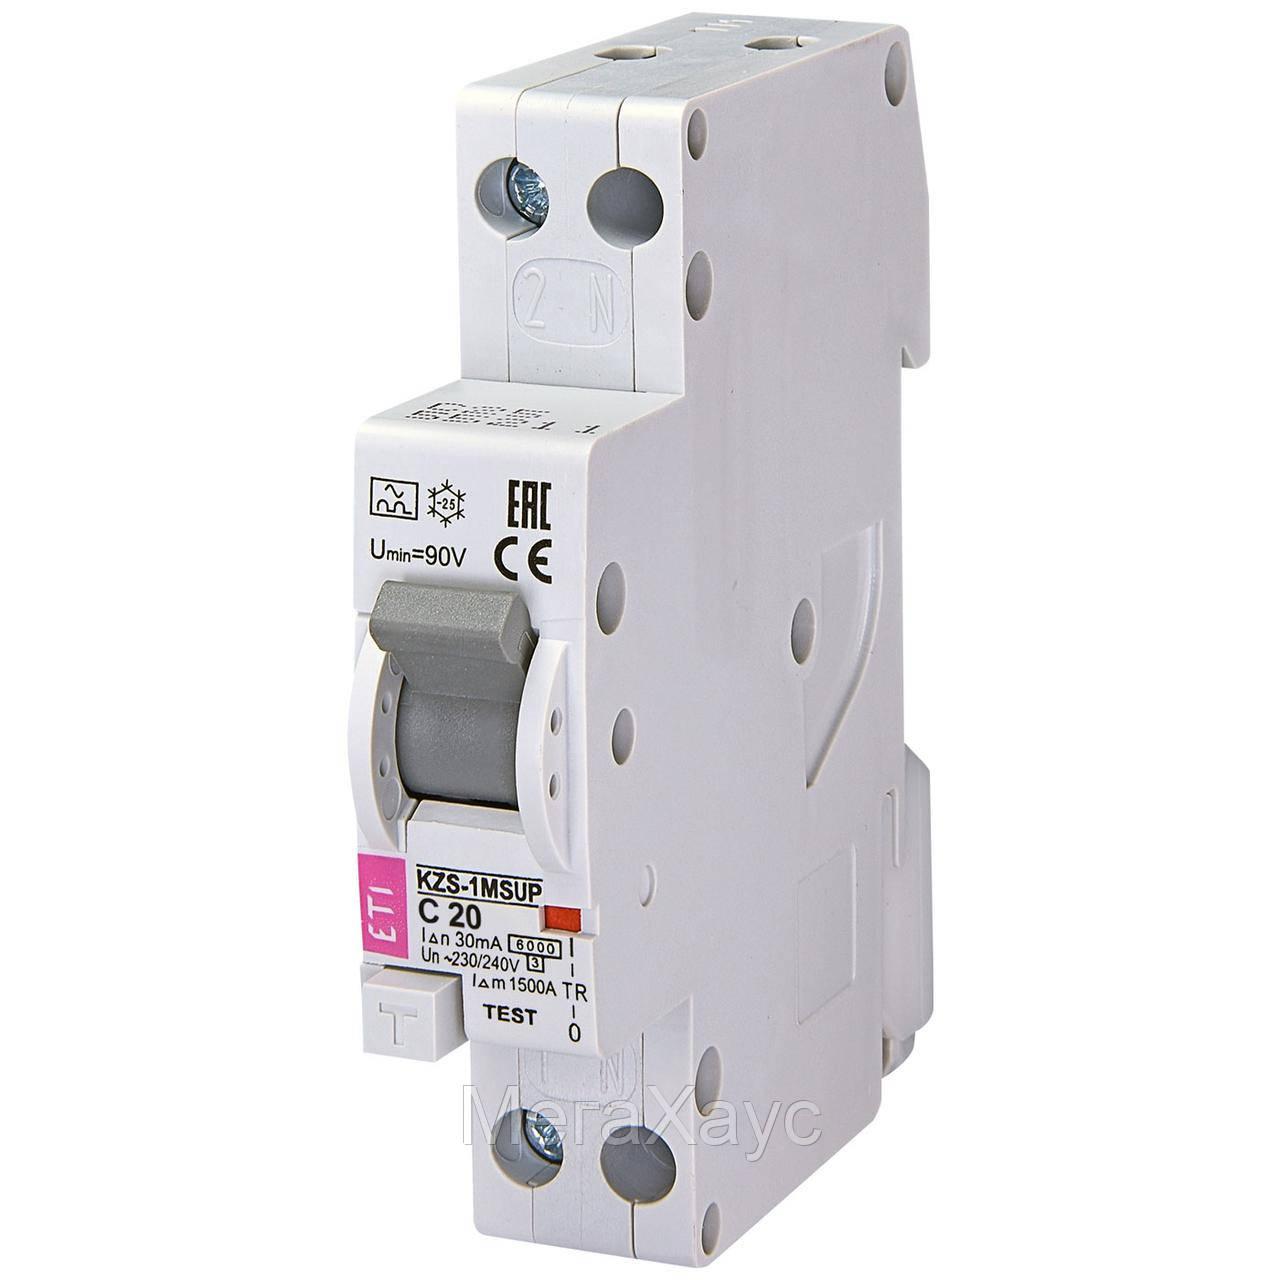 Дифференциальный  автоматический выключатель ETI.  KZS-1M SUP C 20/0,03 тип A (6k